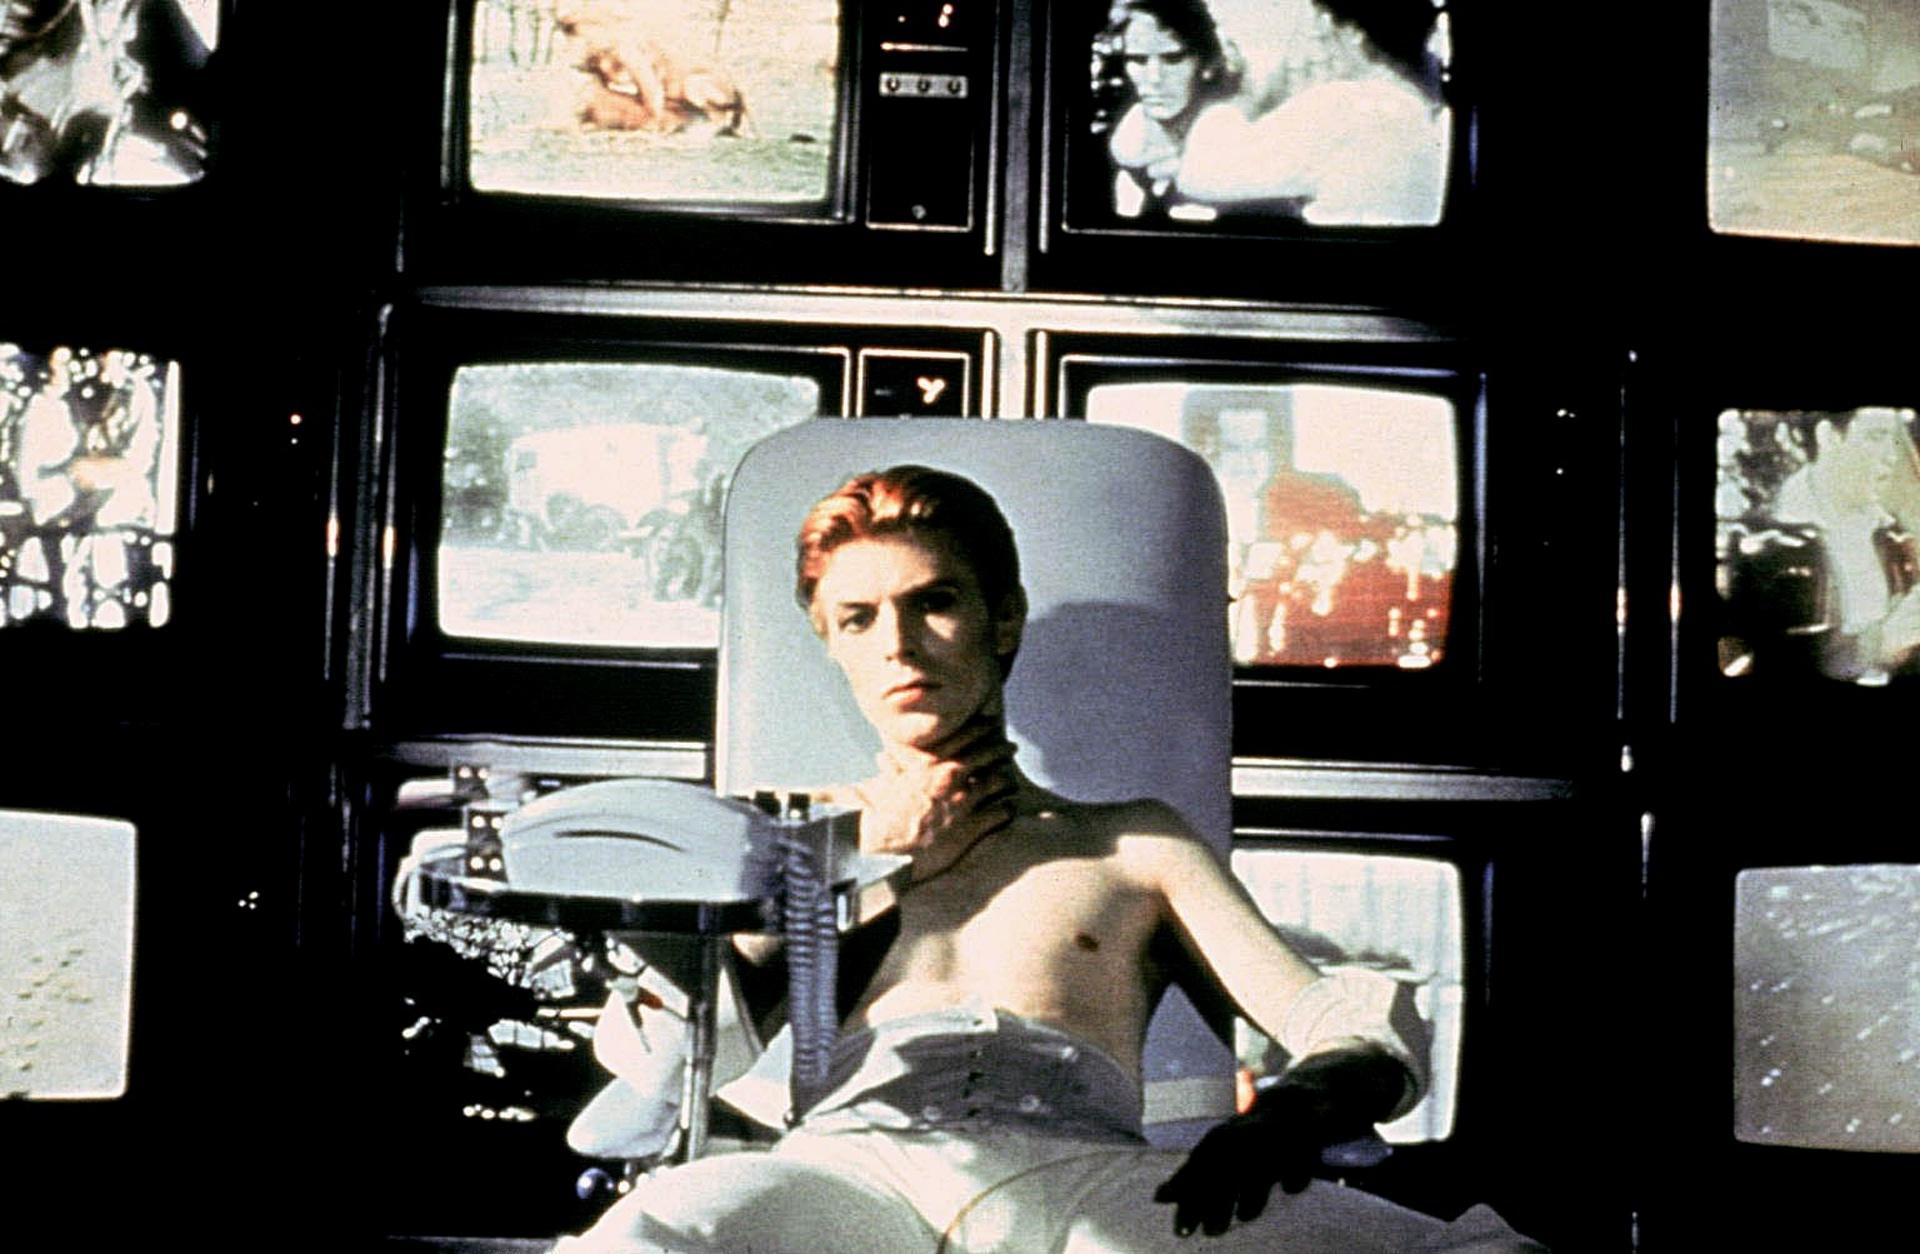 През 1976 г. във филма Човекът, който падна на Земята Снимка: Allstar / Cinetext / BRITISH LION